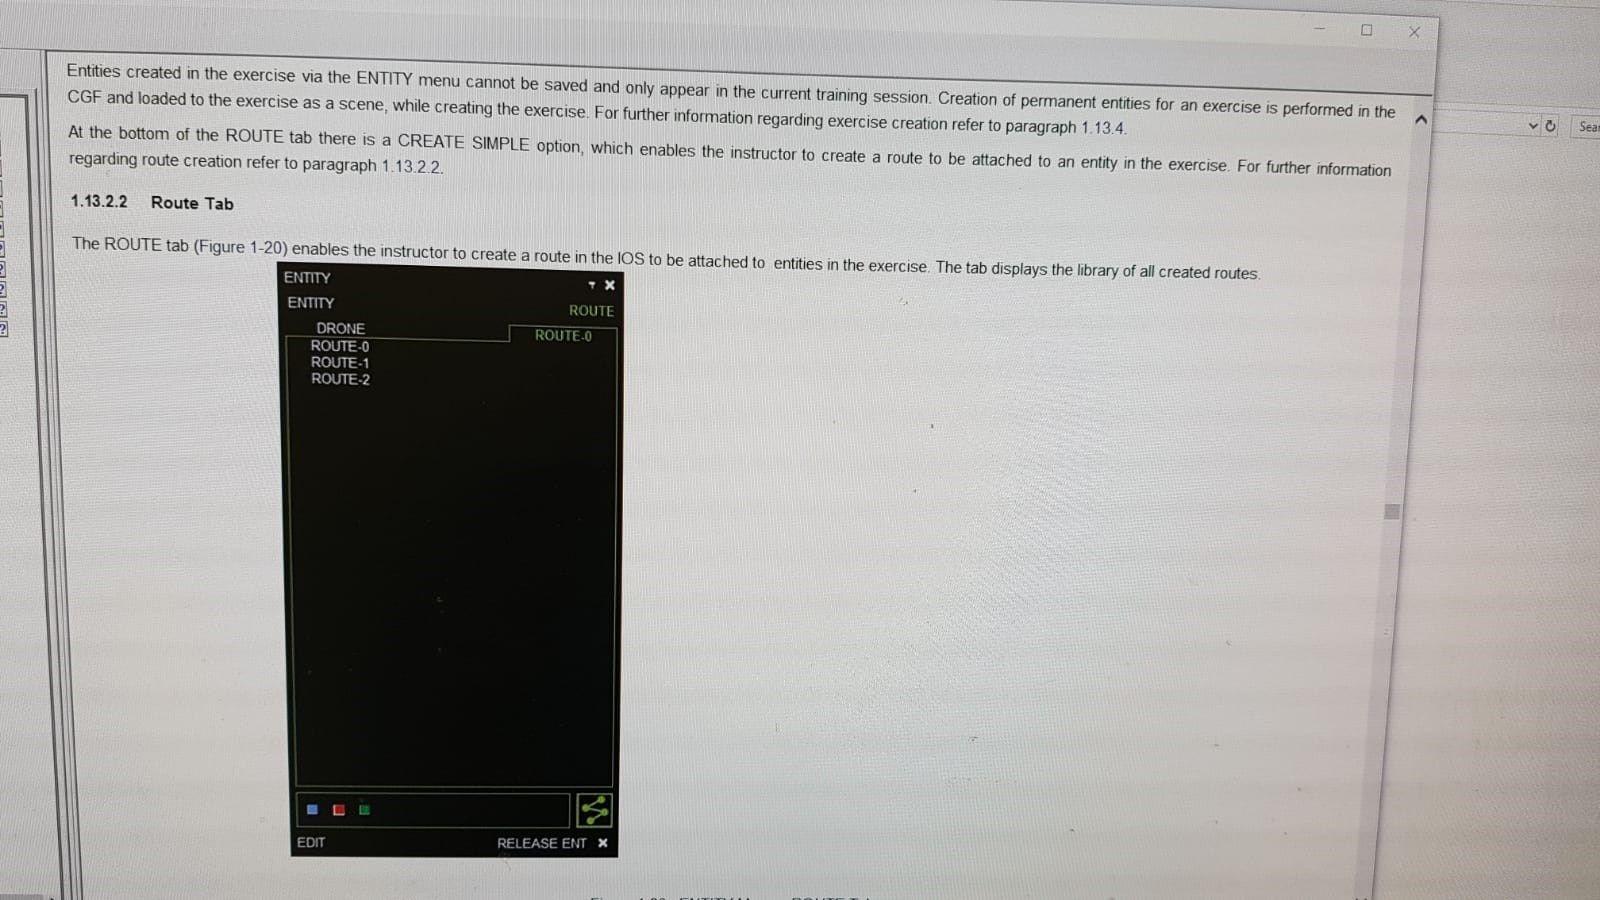 IMG-20200707-WA0001.jpg